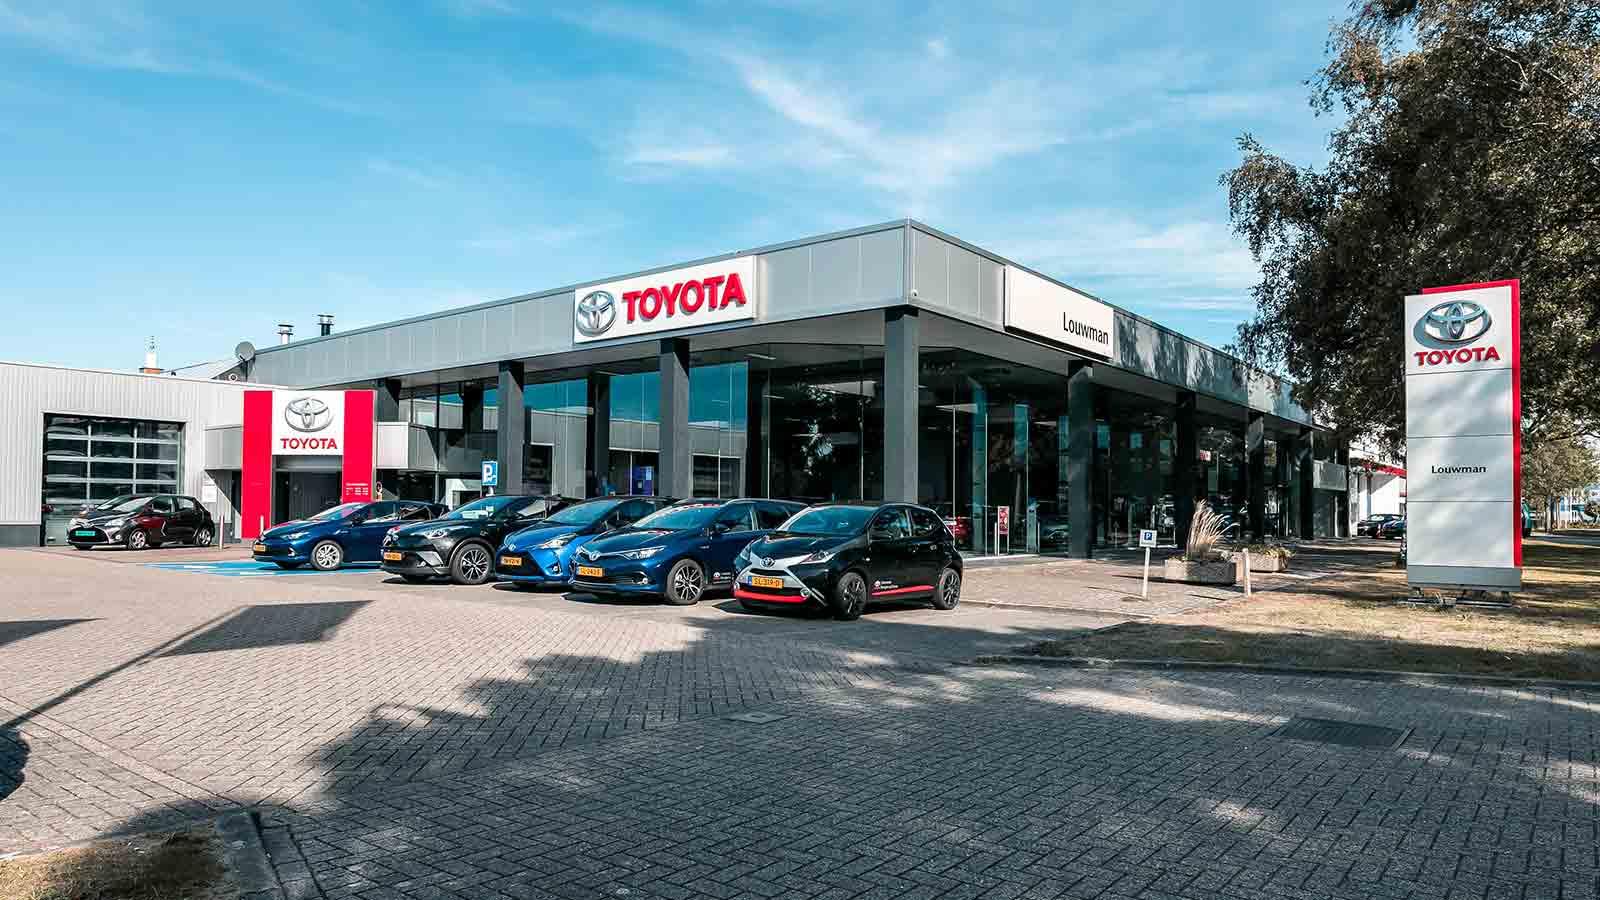 Louwman Toyota Bergen op Zoom